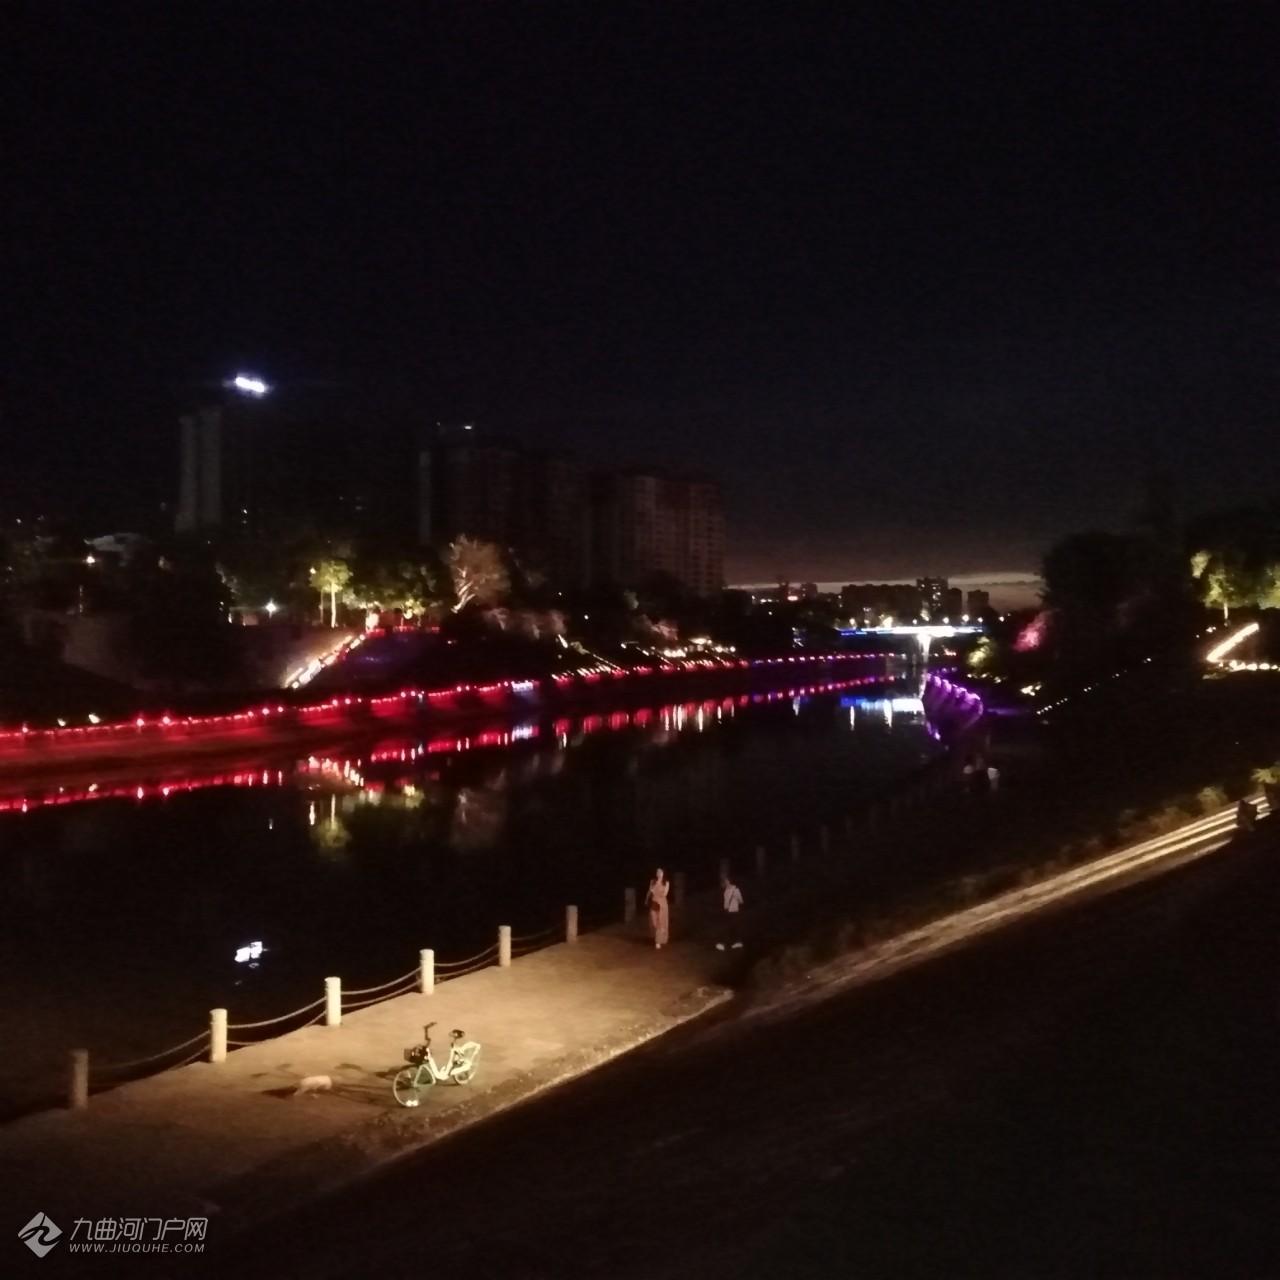 九曲河的三角梅爭先恐后的開了,展示給雁城市民完美的一面!